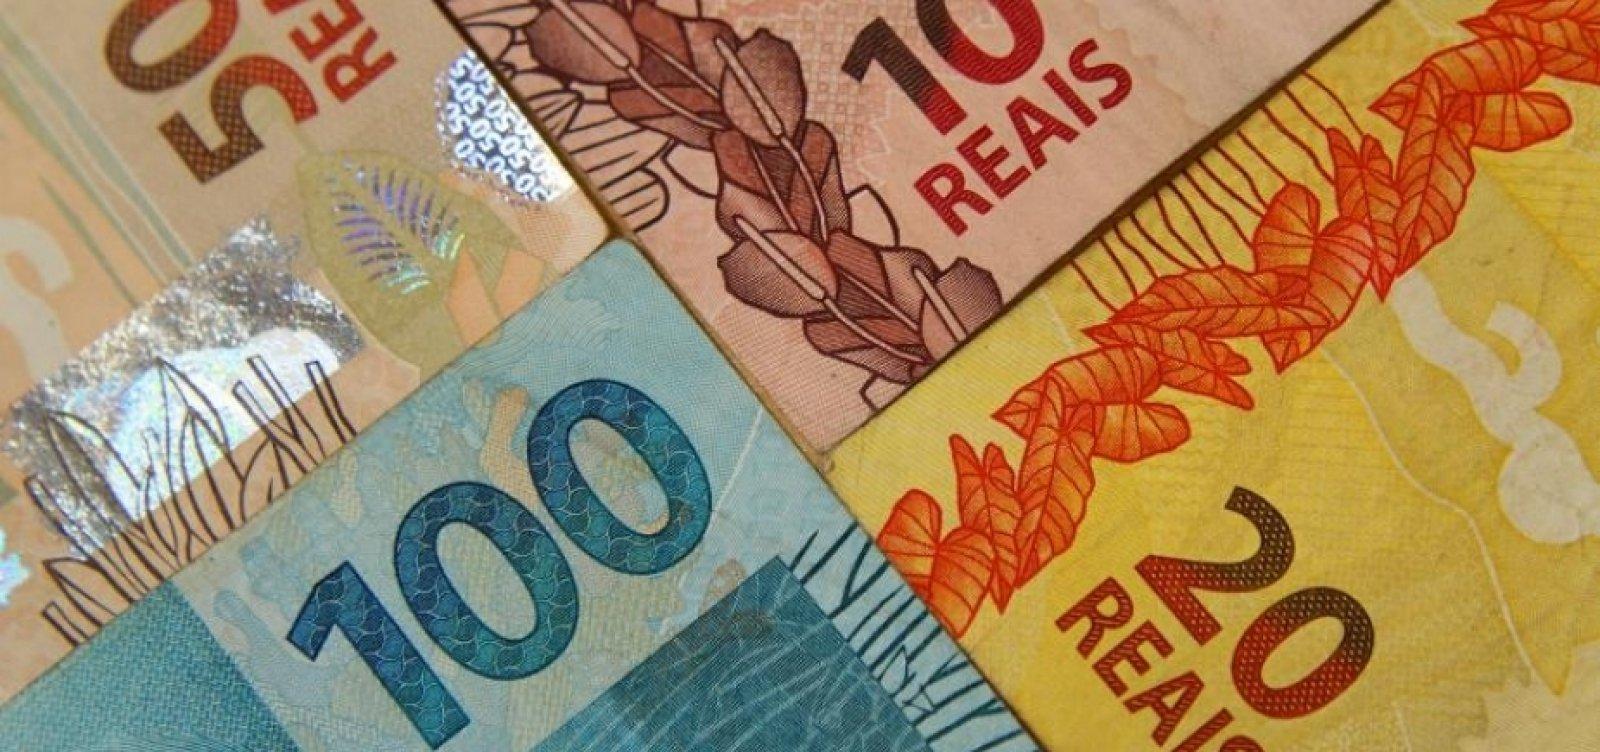 13º deve acrescentar R$ 211,2 bilhões em economia brasileira